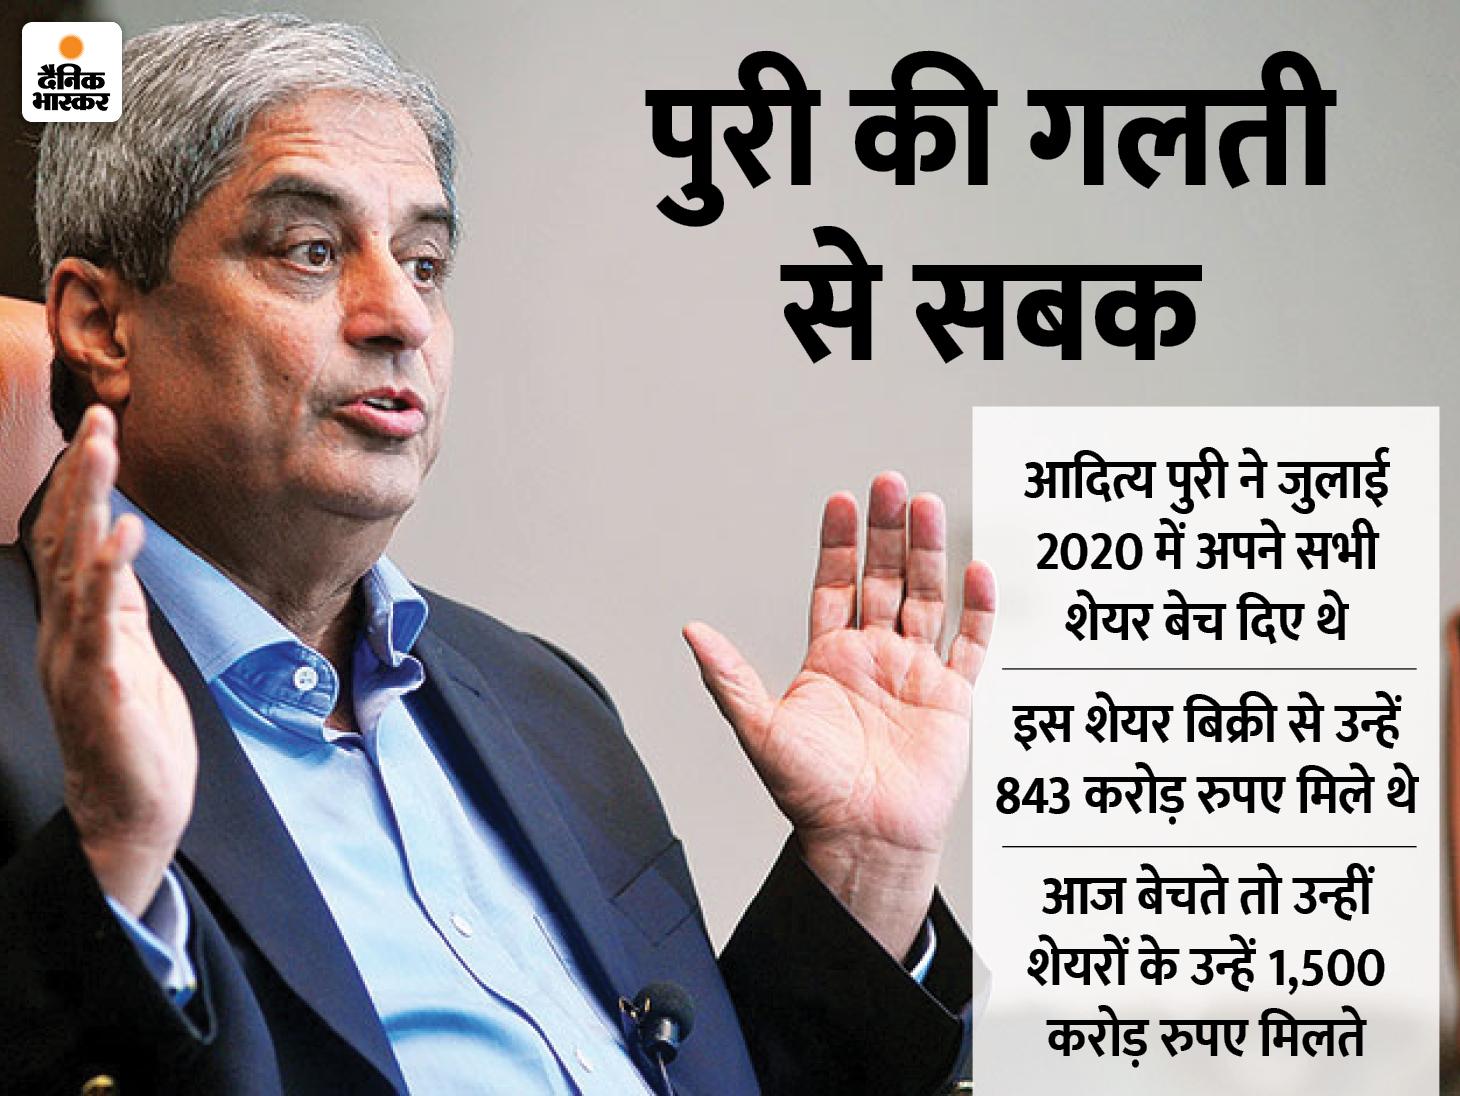 एचडीएफसी बैंक के आदित्य पुरी जैसी गलती न करें, एक बार में सभी शेयर बेचने से उन्हें हुआ था 650 करोड़ का नुकसान|बिजनेस,Business - Dainik Bhaskar